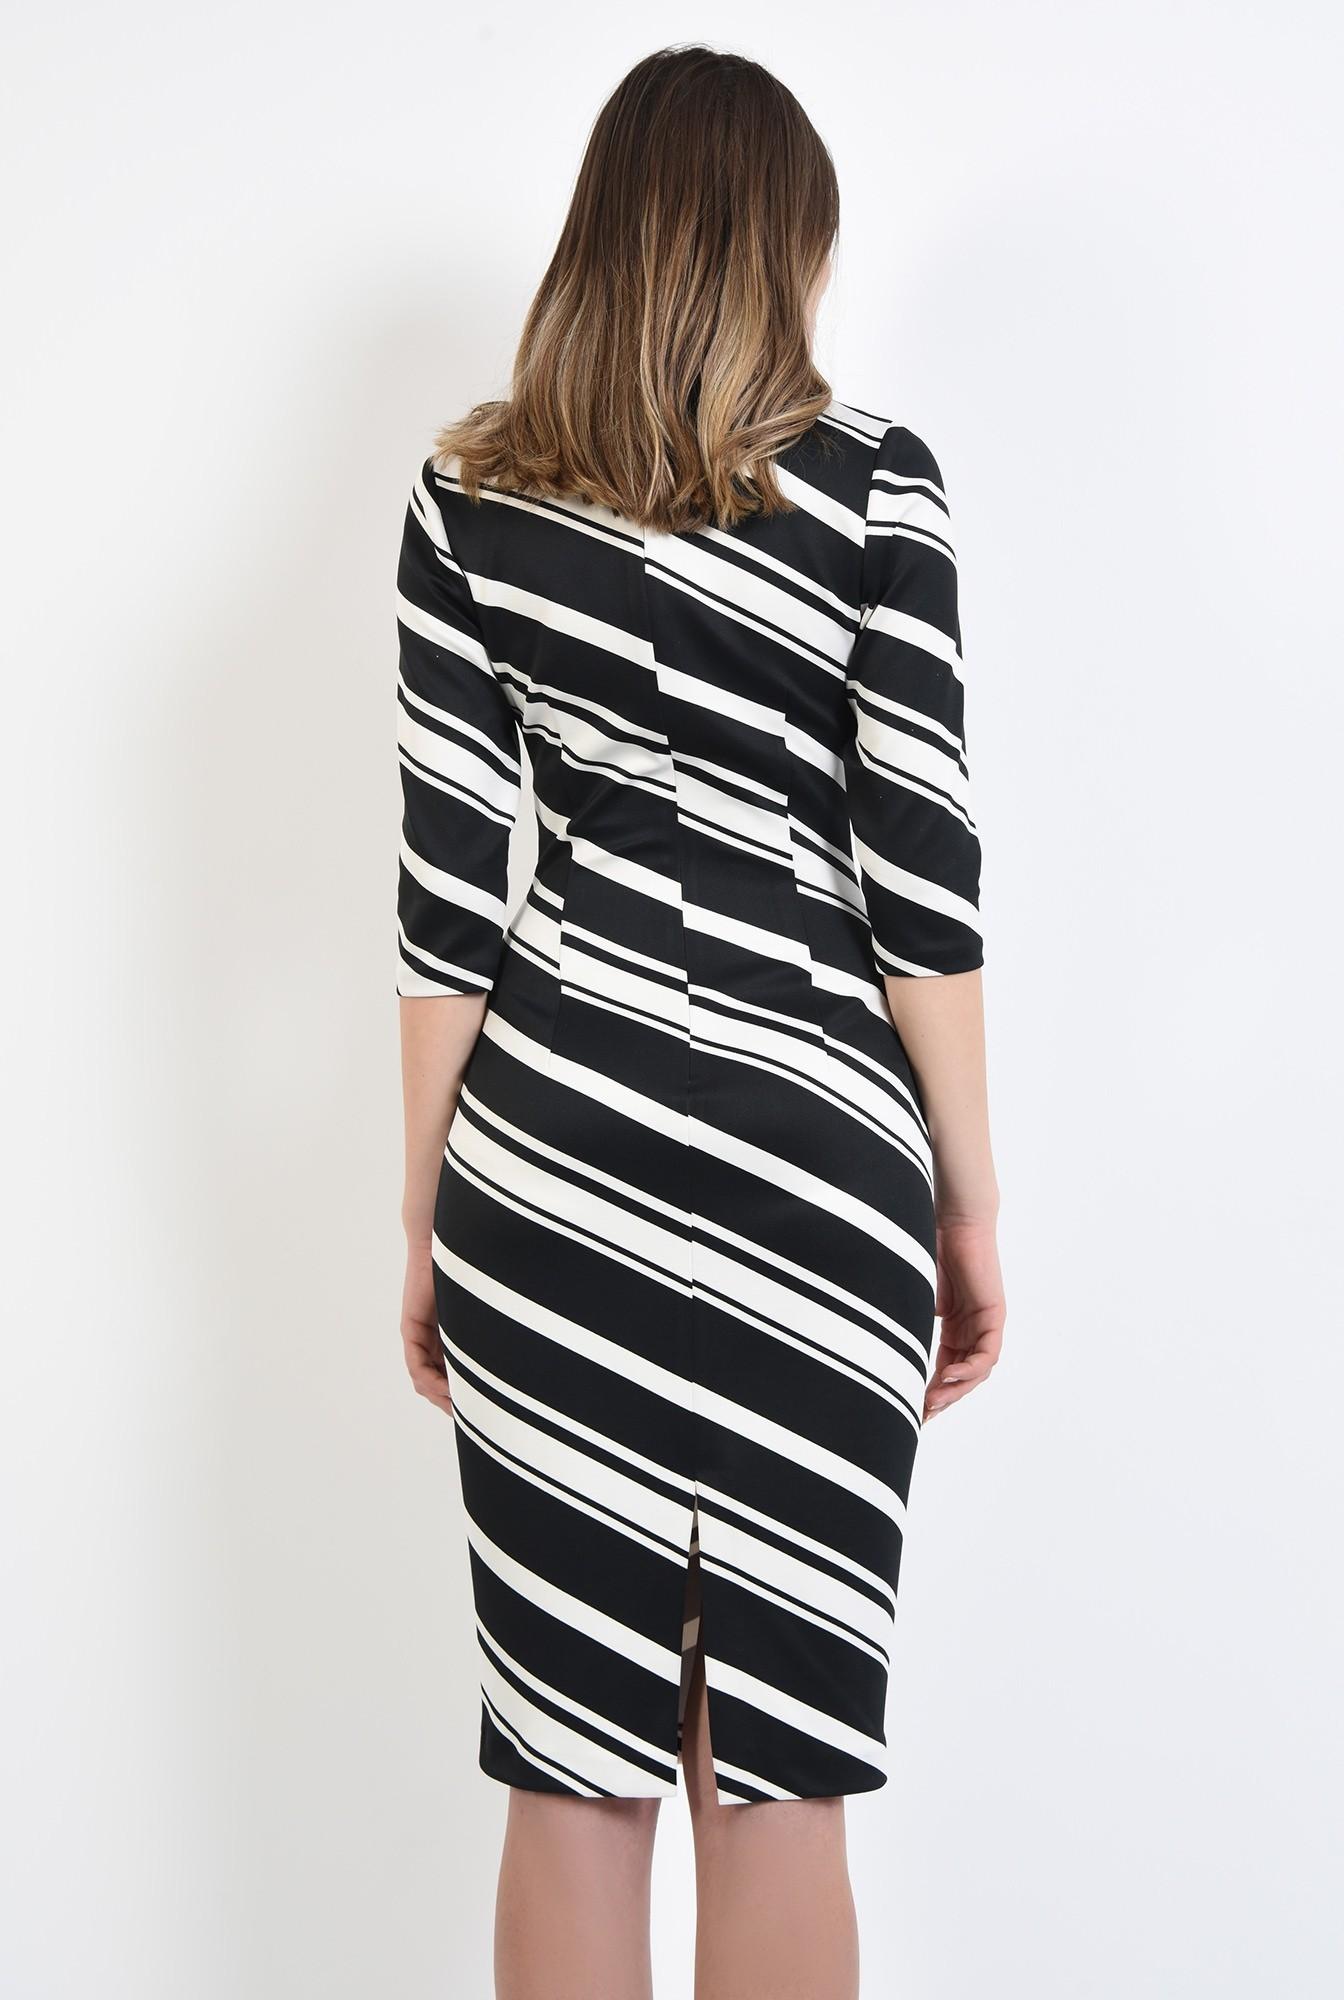 1 - 360 - rochie midi, mulata, cu dungi oblige, alb-negru, croi cambrat